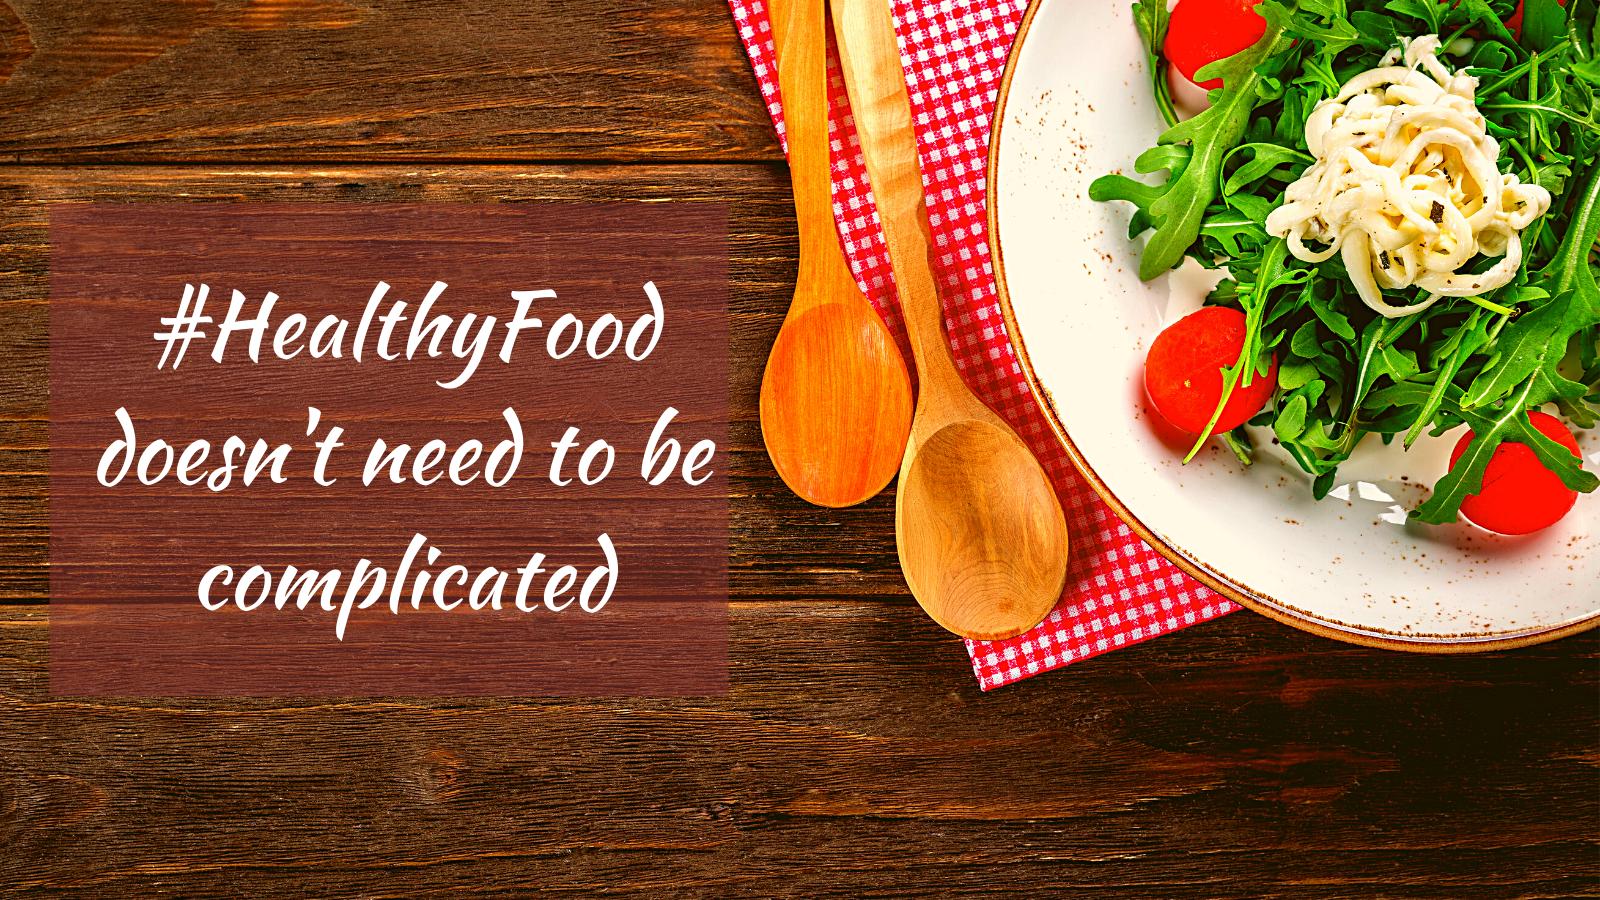 hashtag-healthy-food